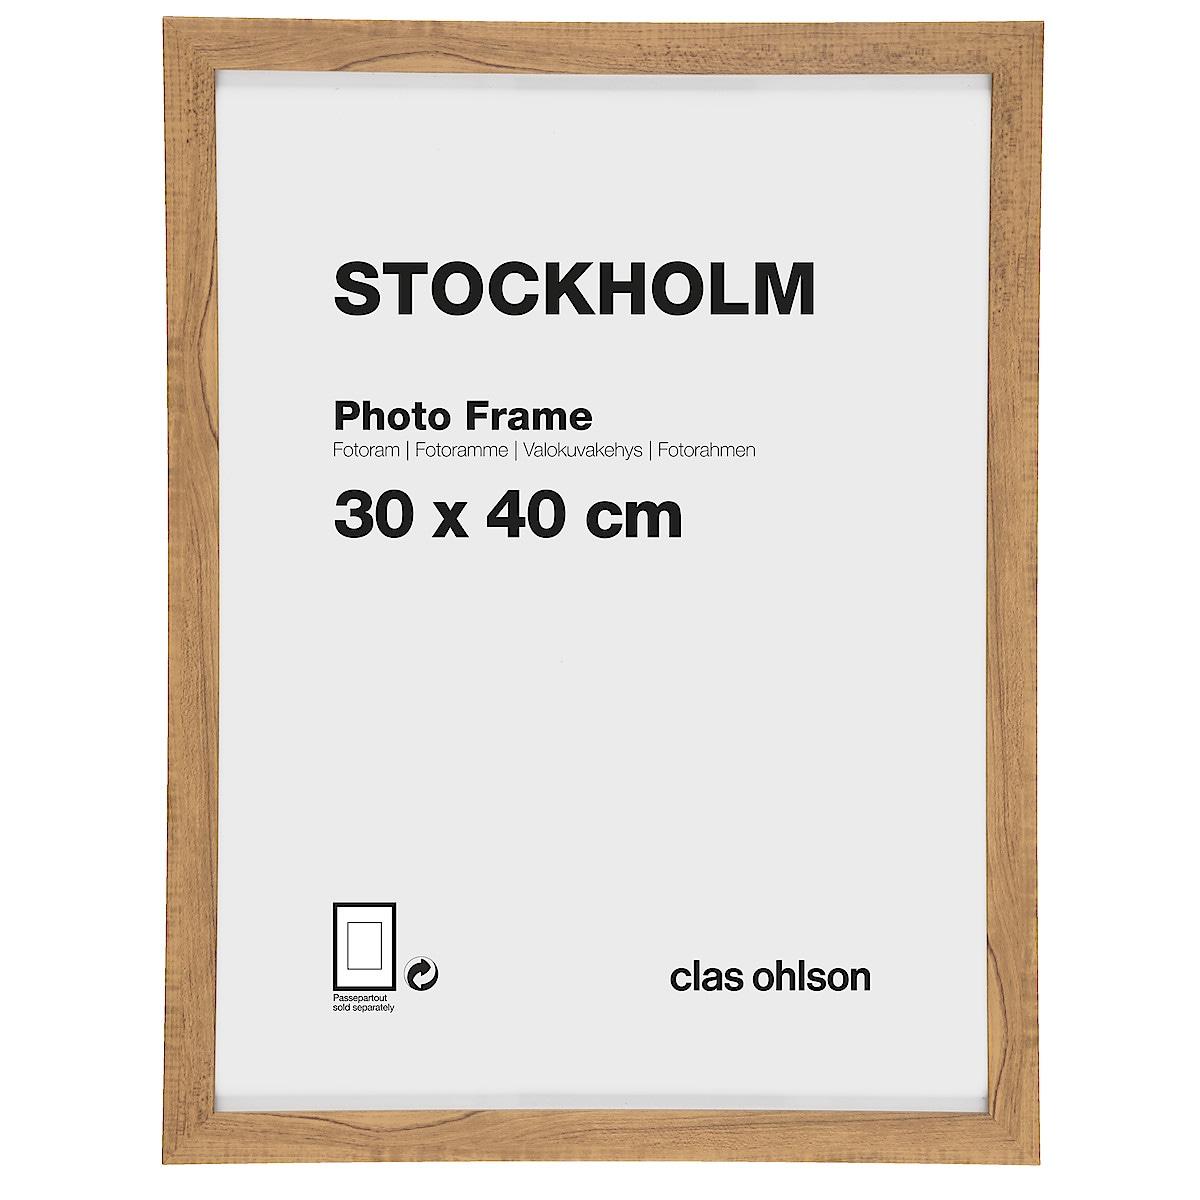 Stockholm photo frame – oak-look